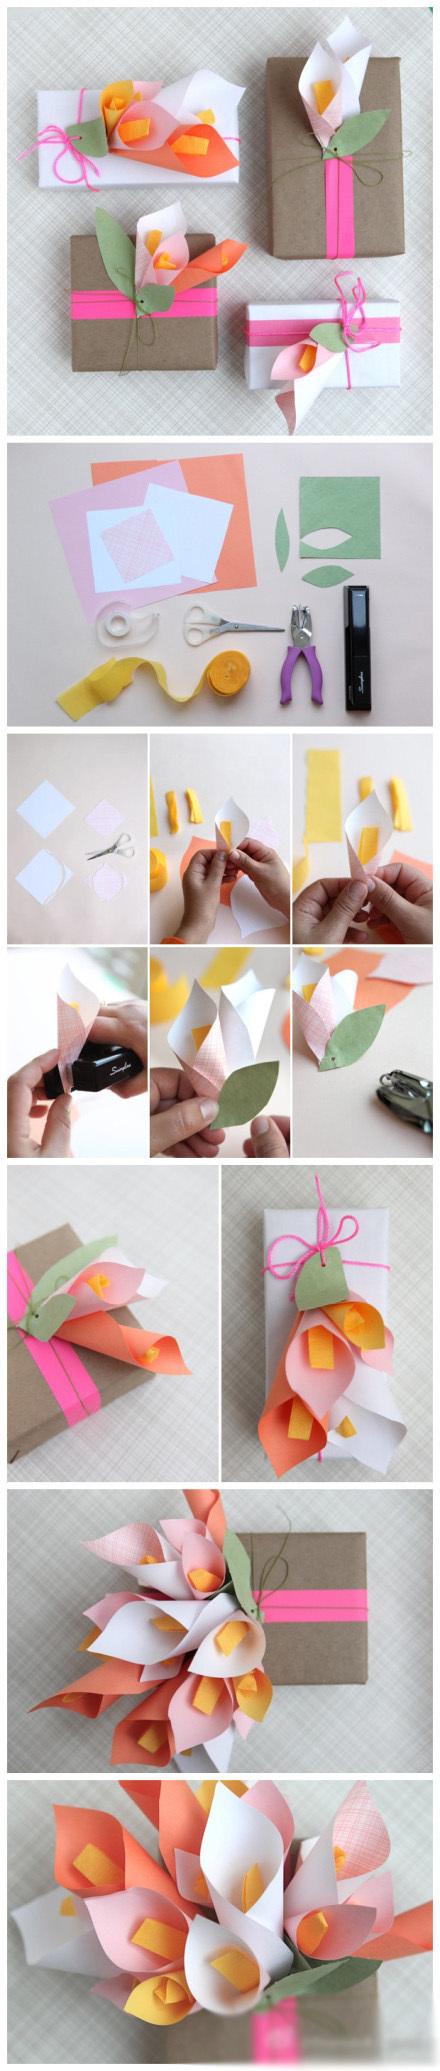 Цветы из бумаги своими руками. Мастер класс 78